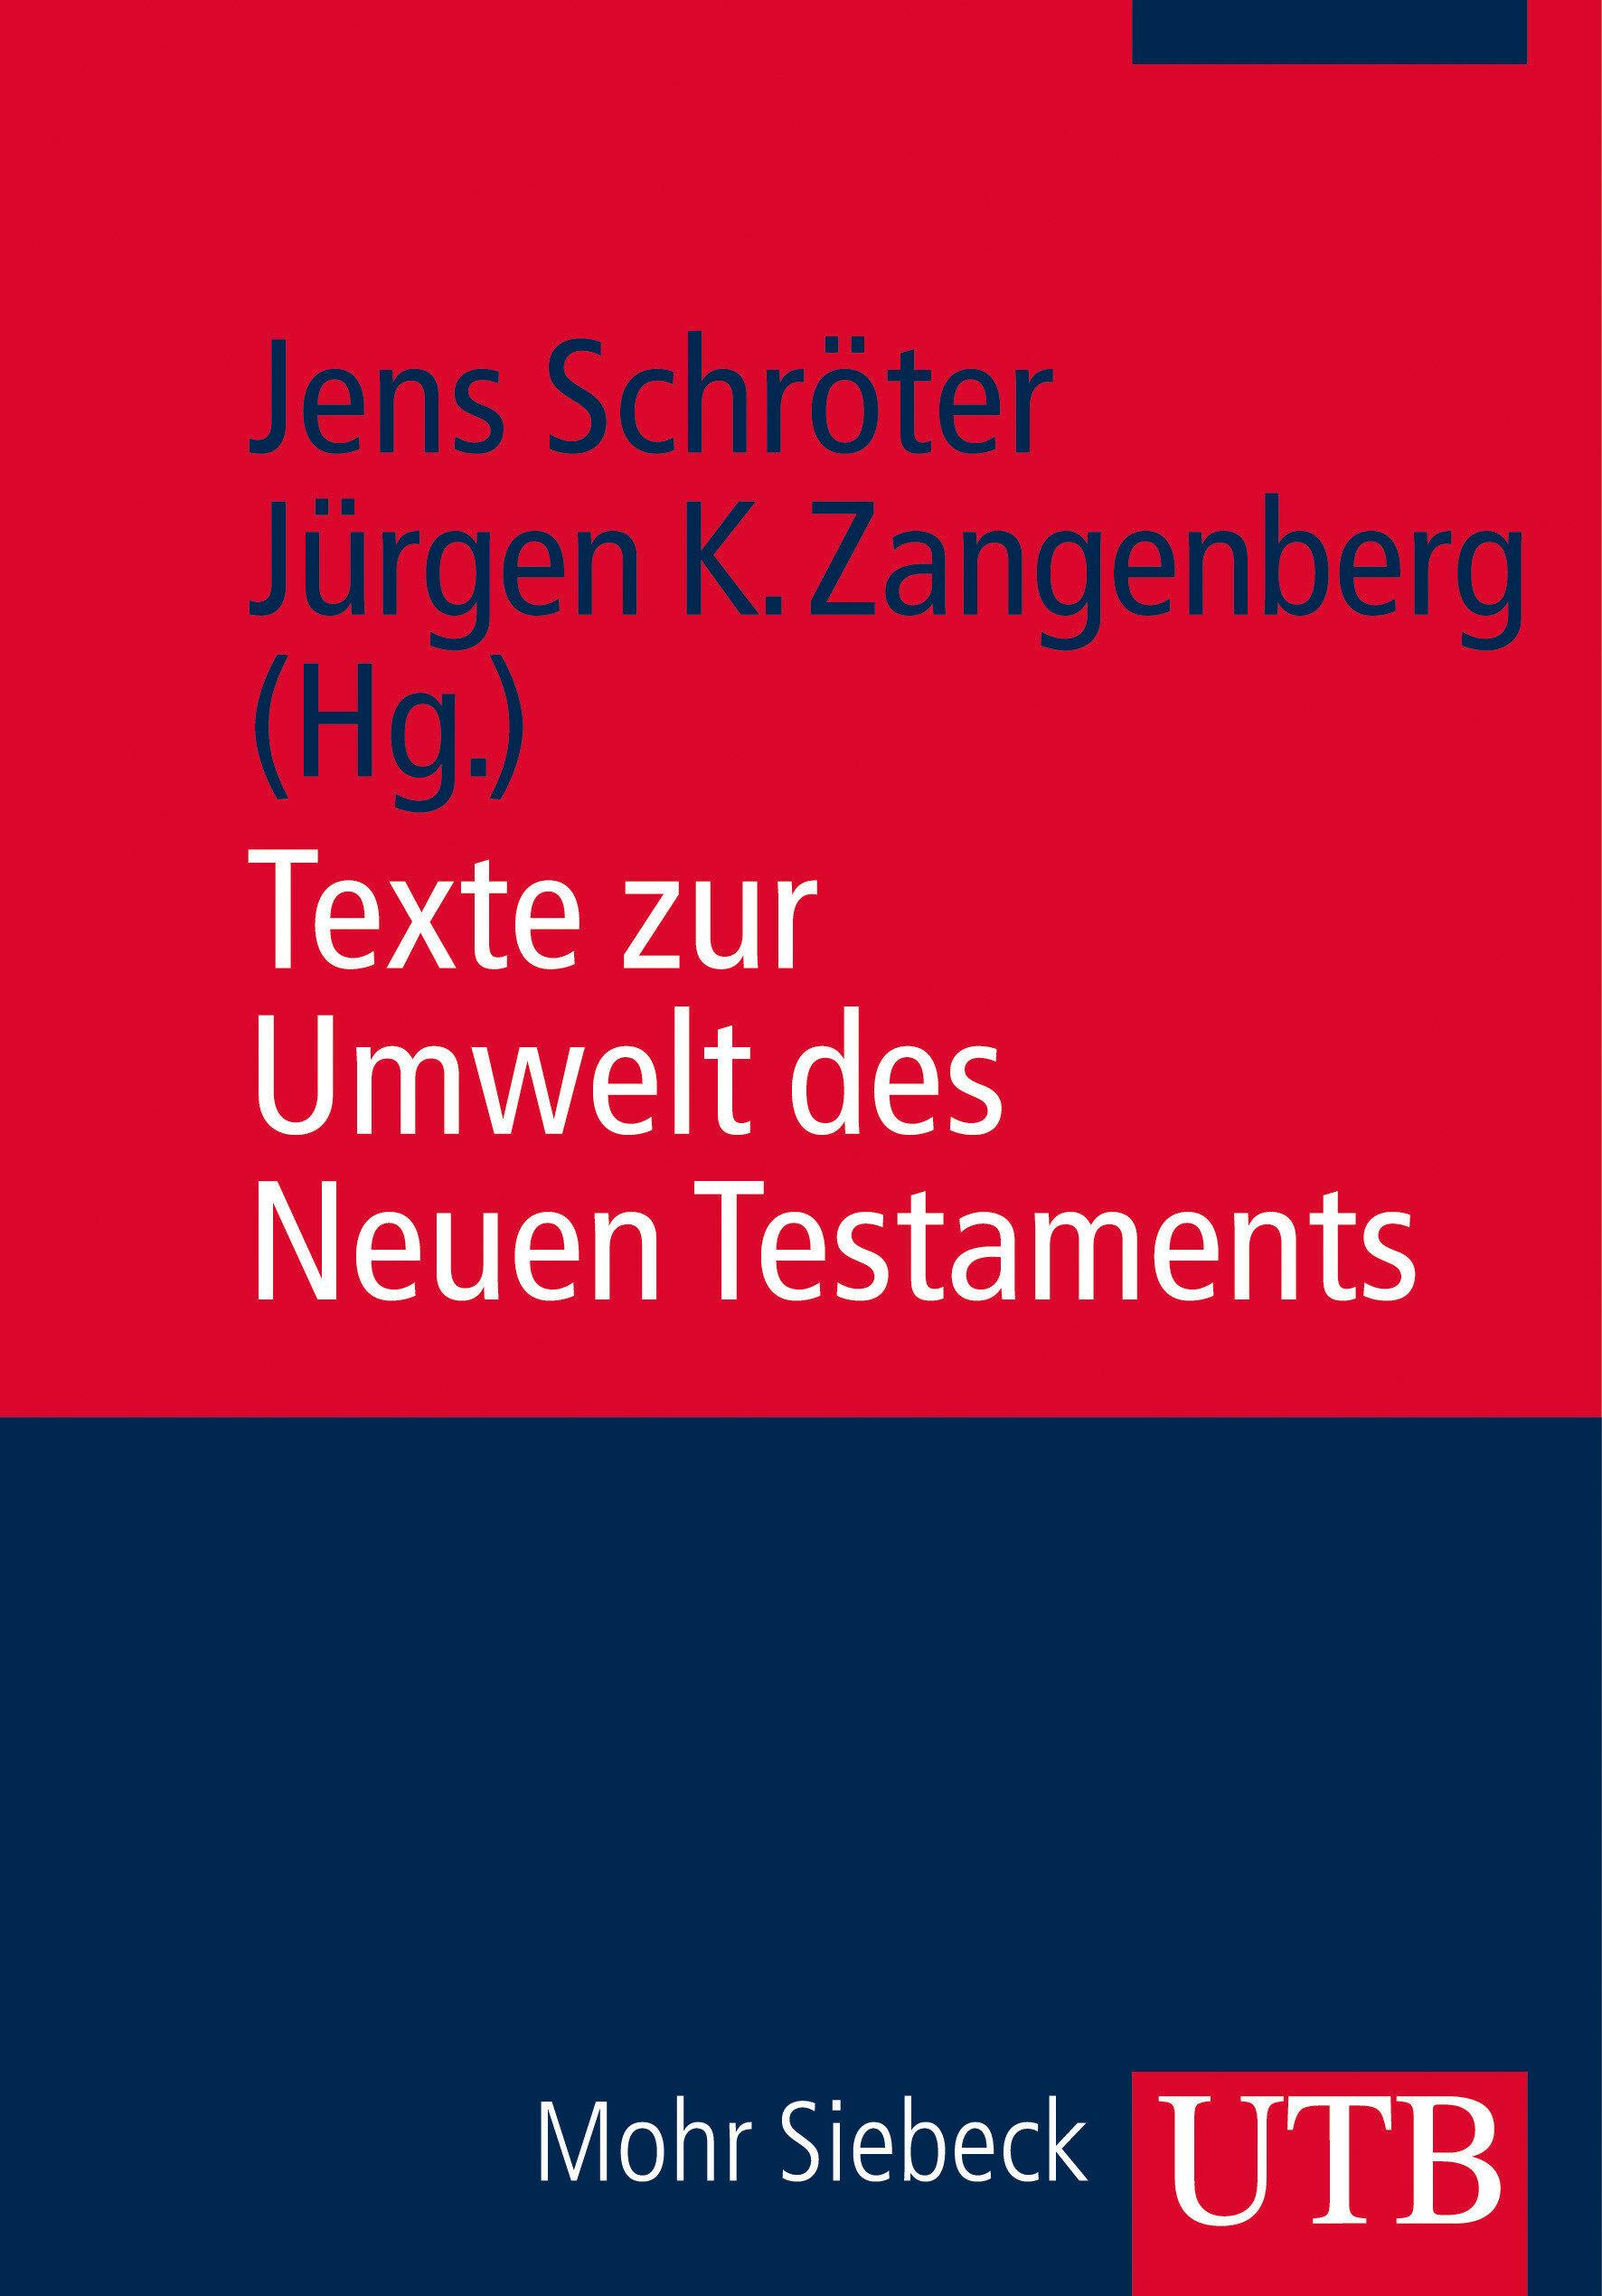 Texte zur Umwelt des Neuen Testaments